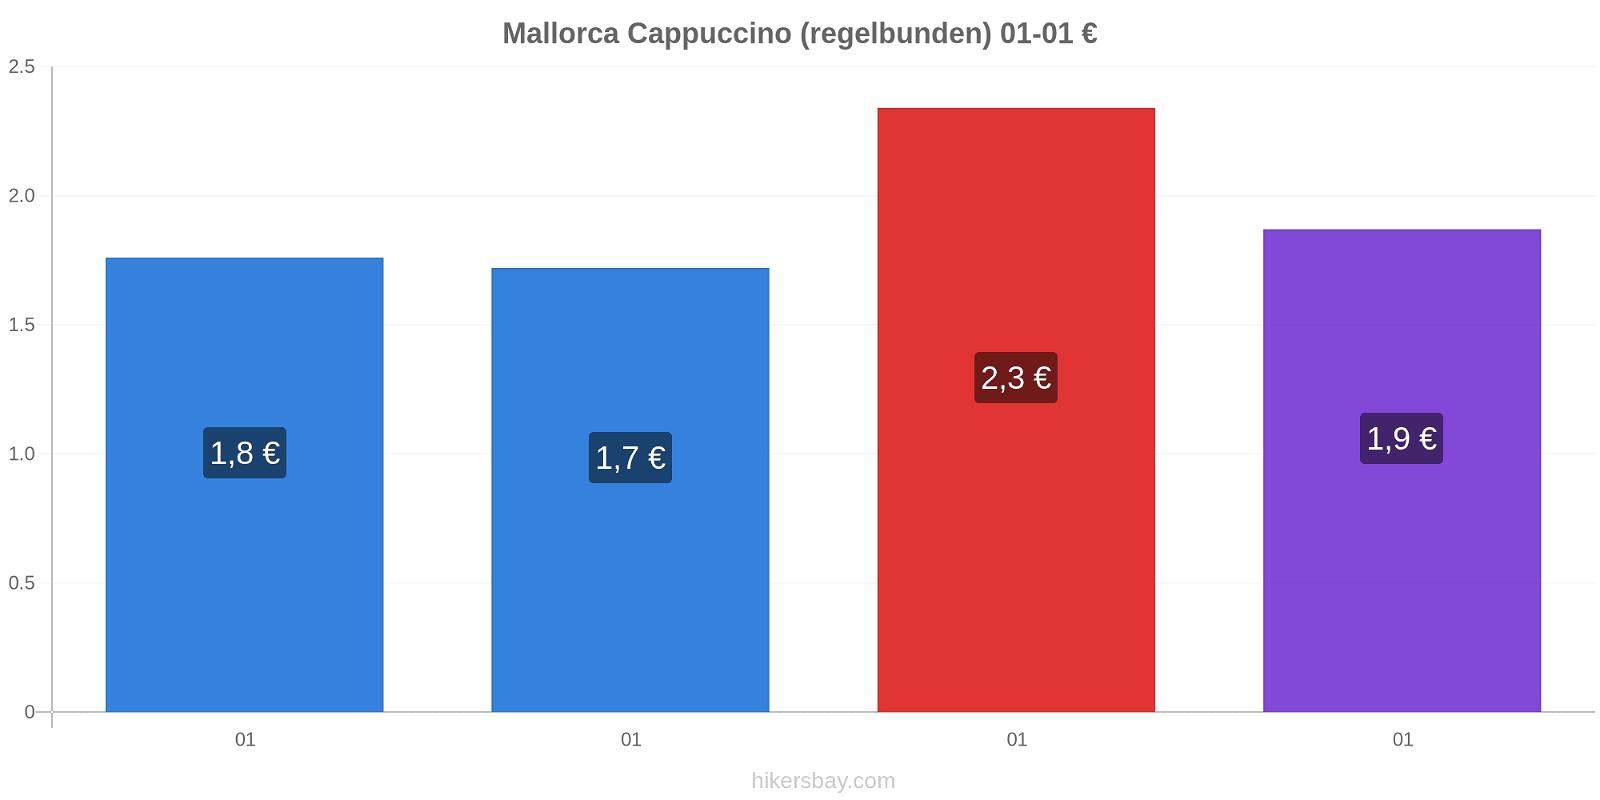 Mallorca prisförändringar Cappuccino (regelbunden) hikersbay.com